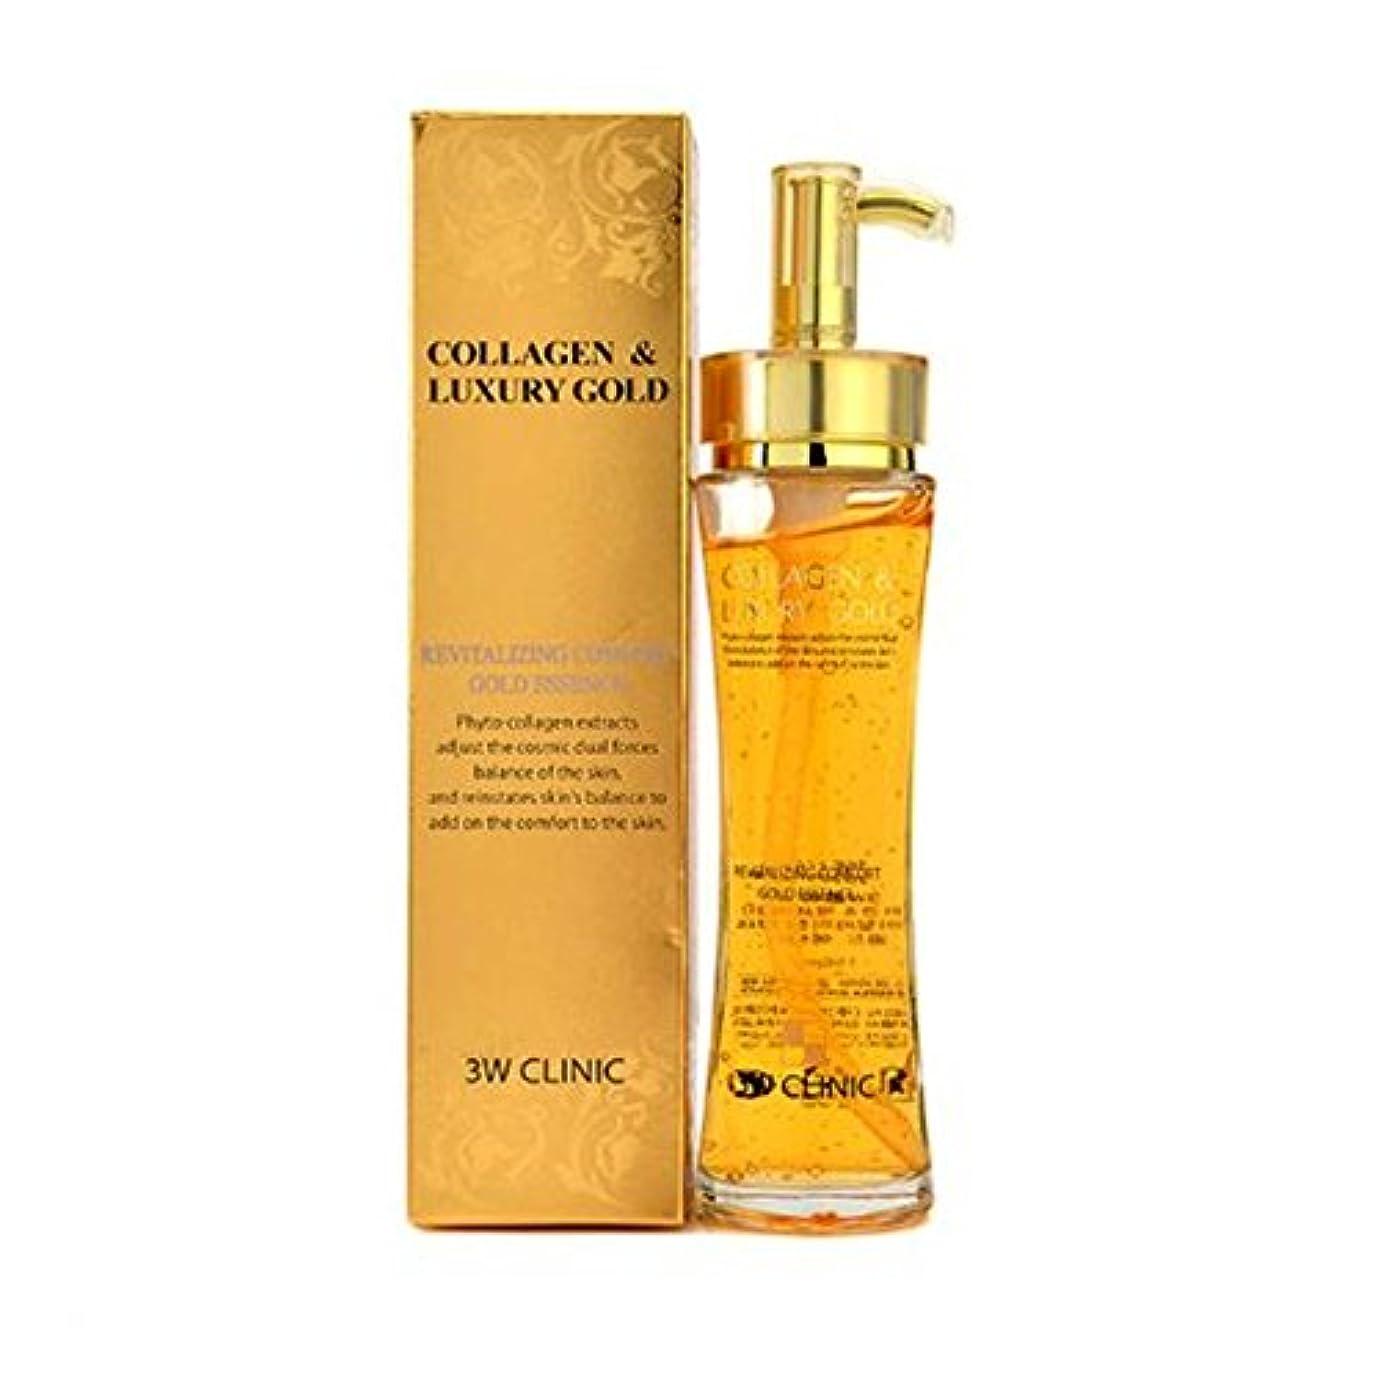 害虫同様に警戒3Wクリニック Collagen & Luxury Gold Revitalizing Comfort Gold Essence 150ml/5.07oz並行輸入品